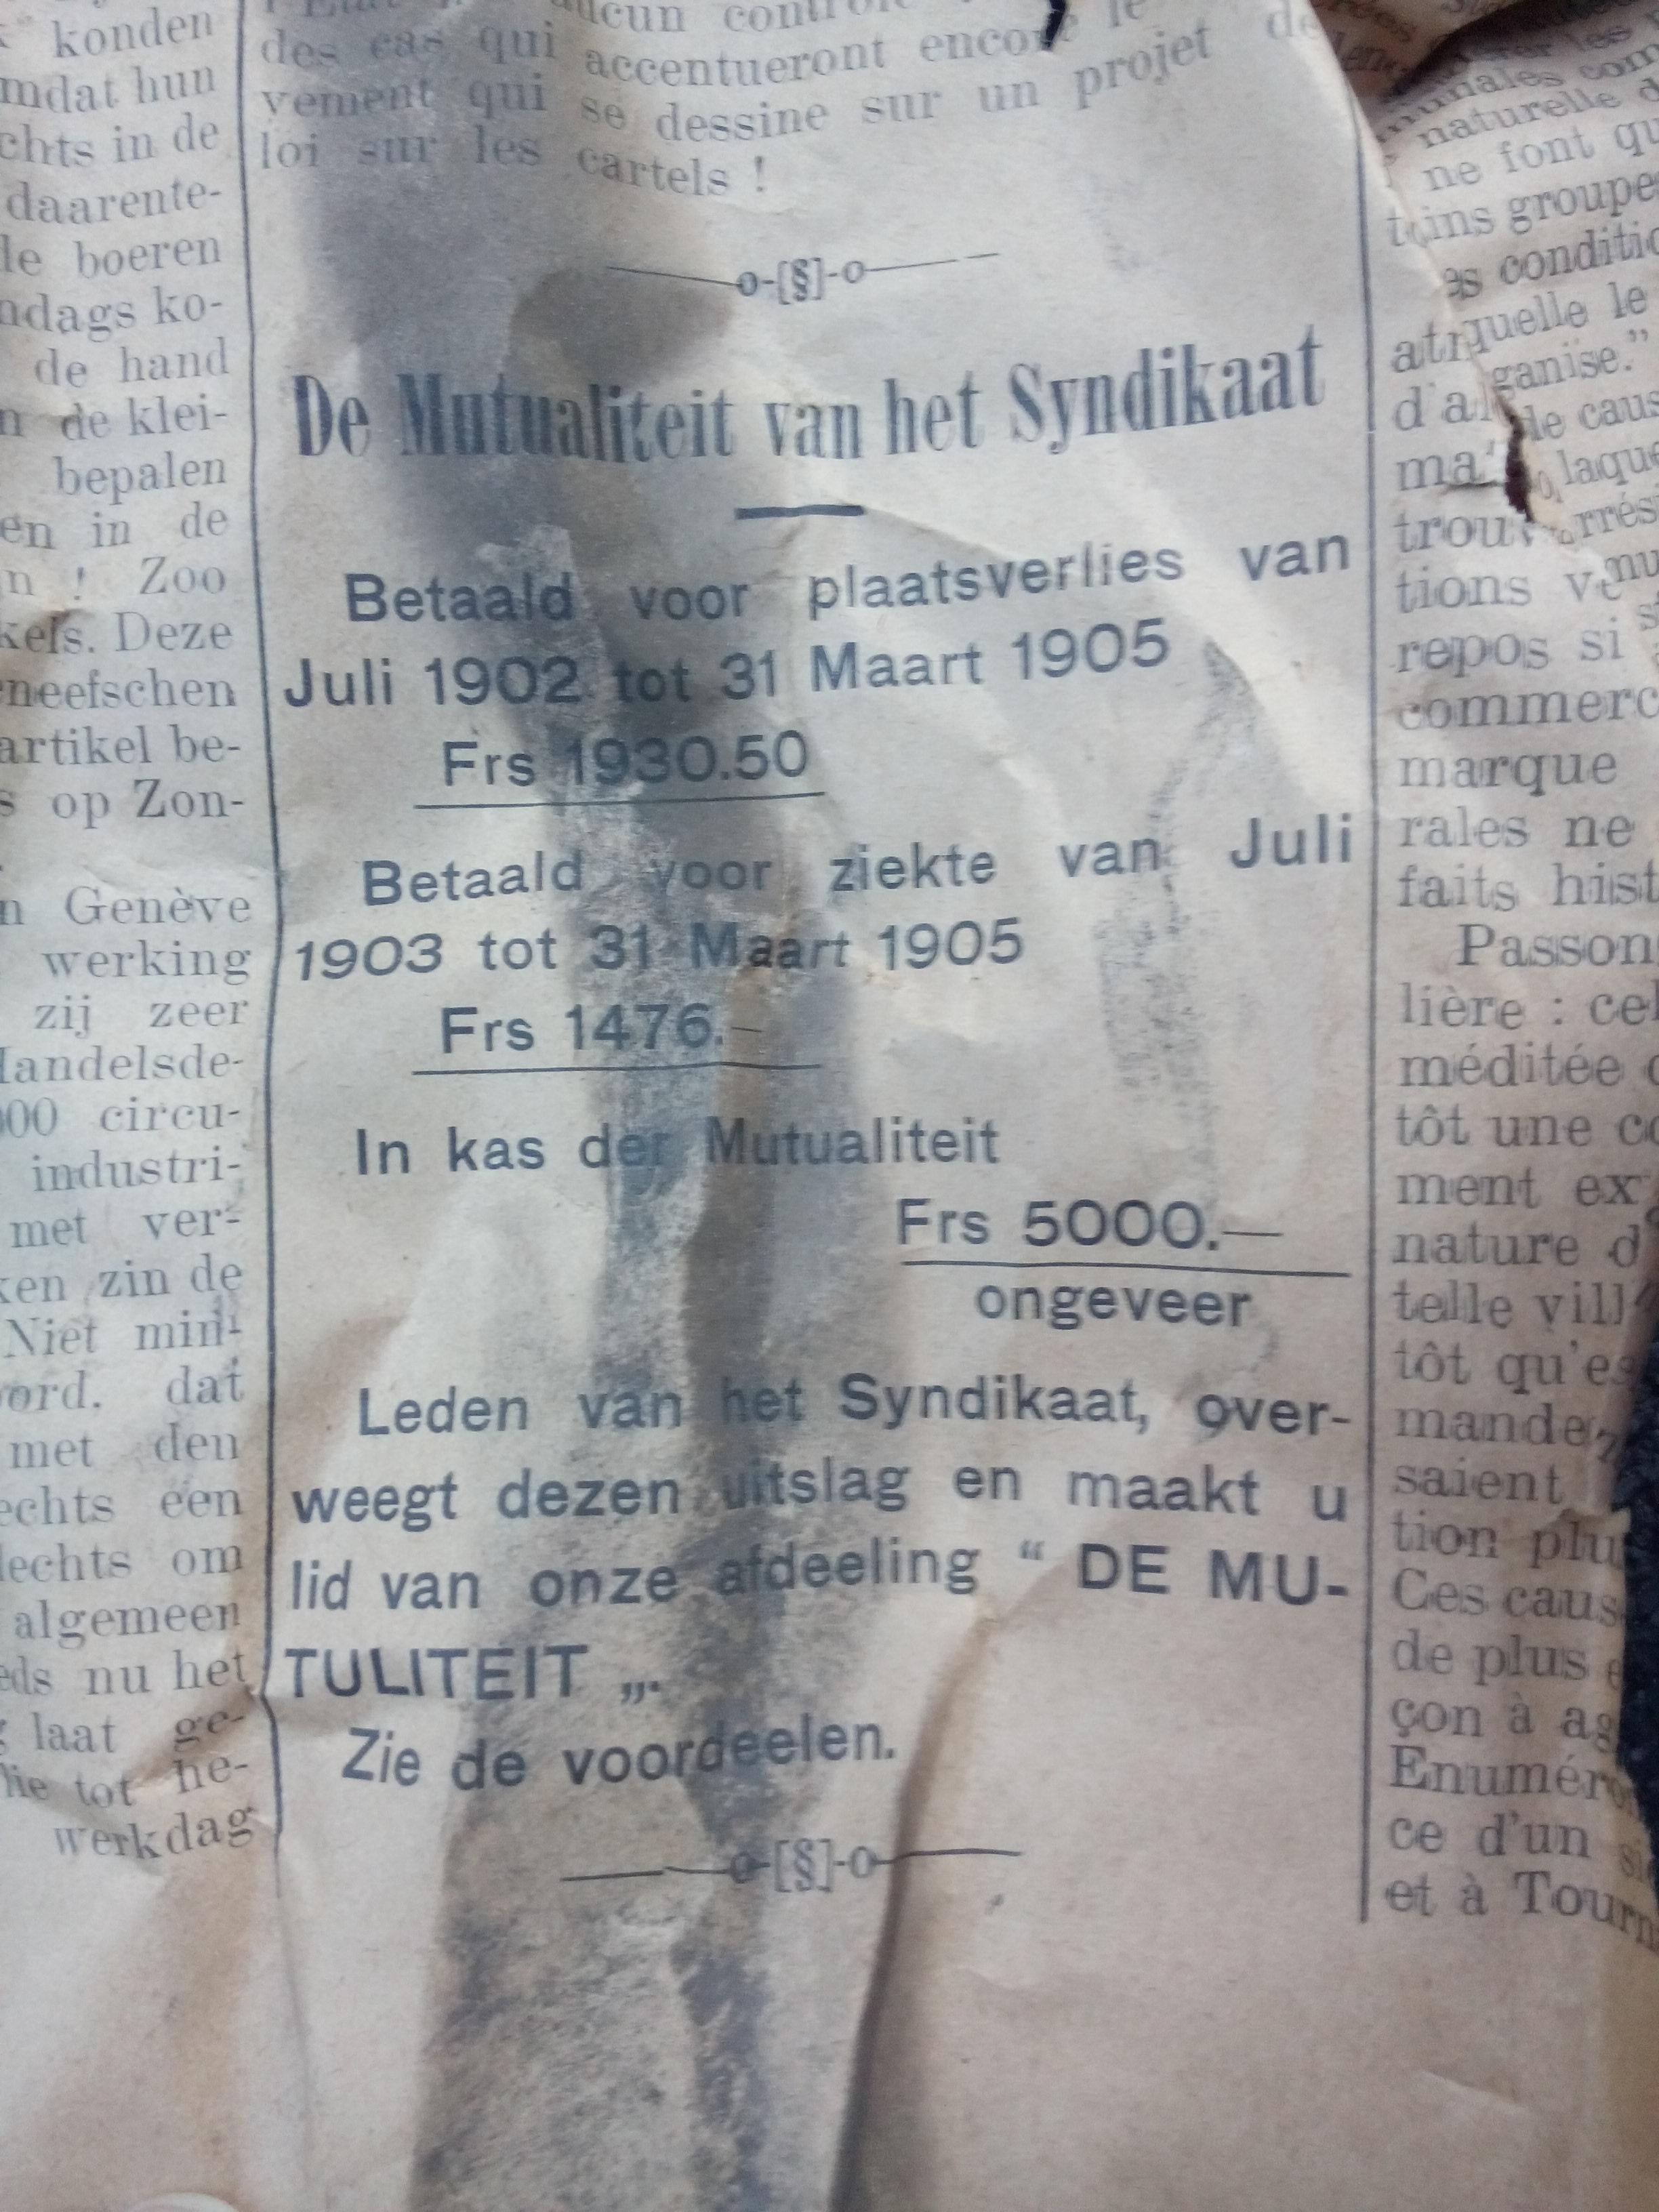 krant vloer jaartal